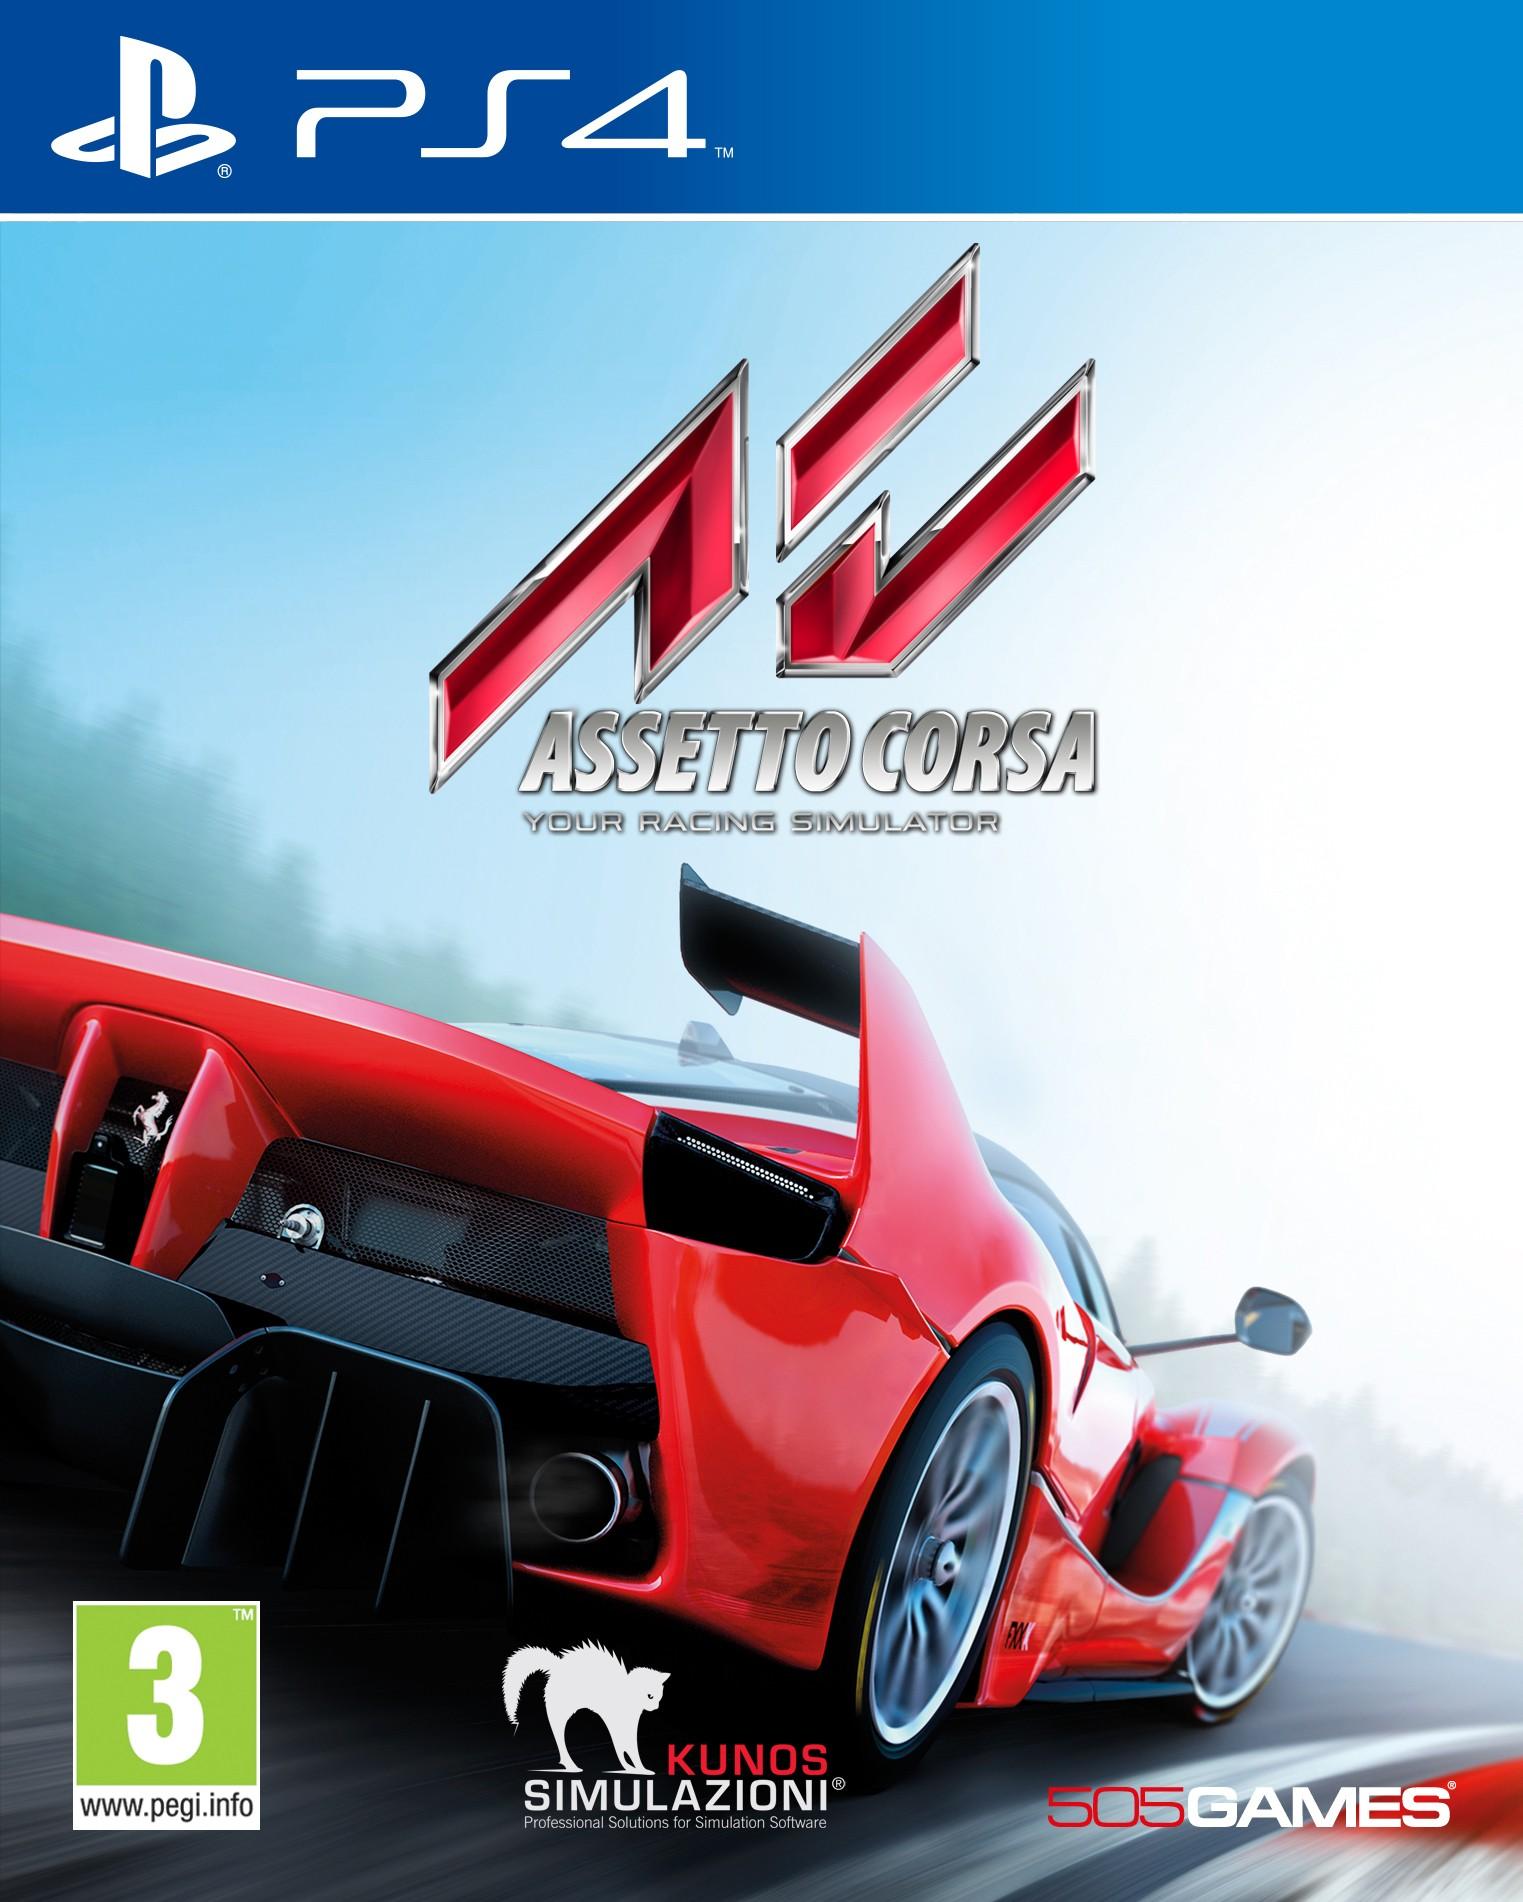 PS4ASSETOCO : Assetto Corsa (PS4)